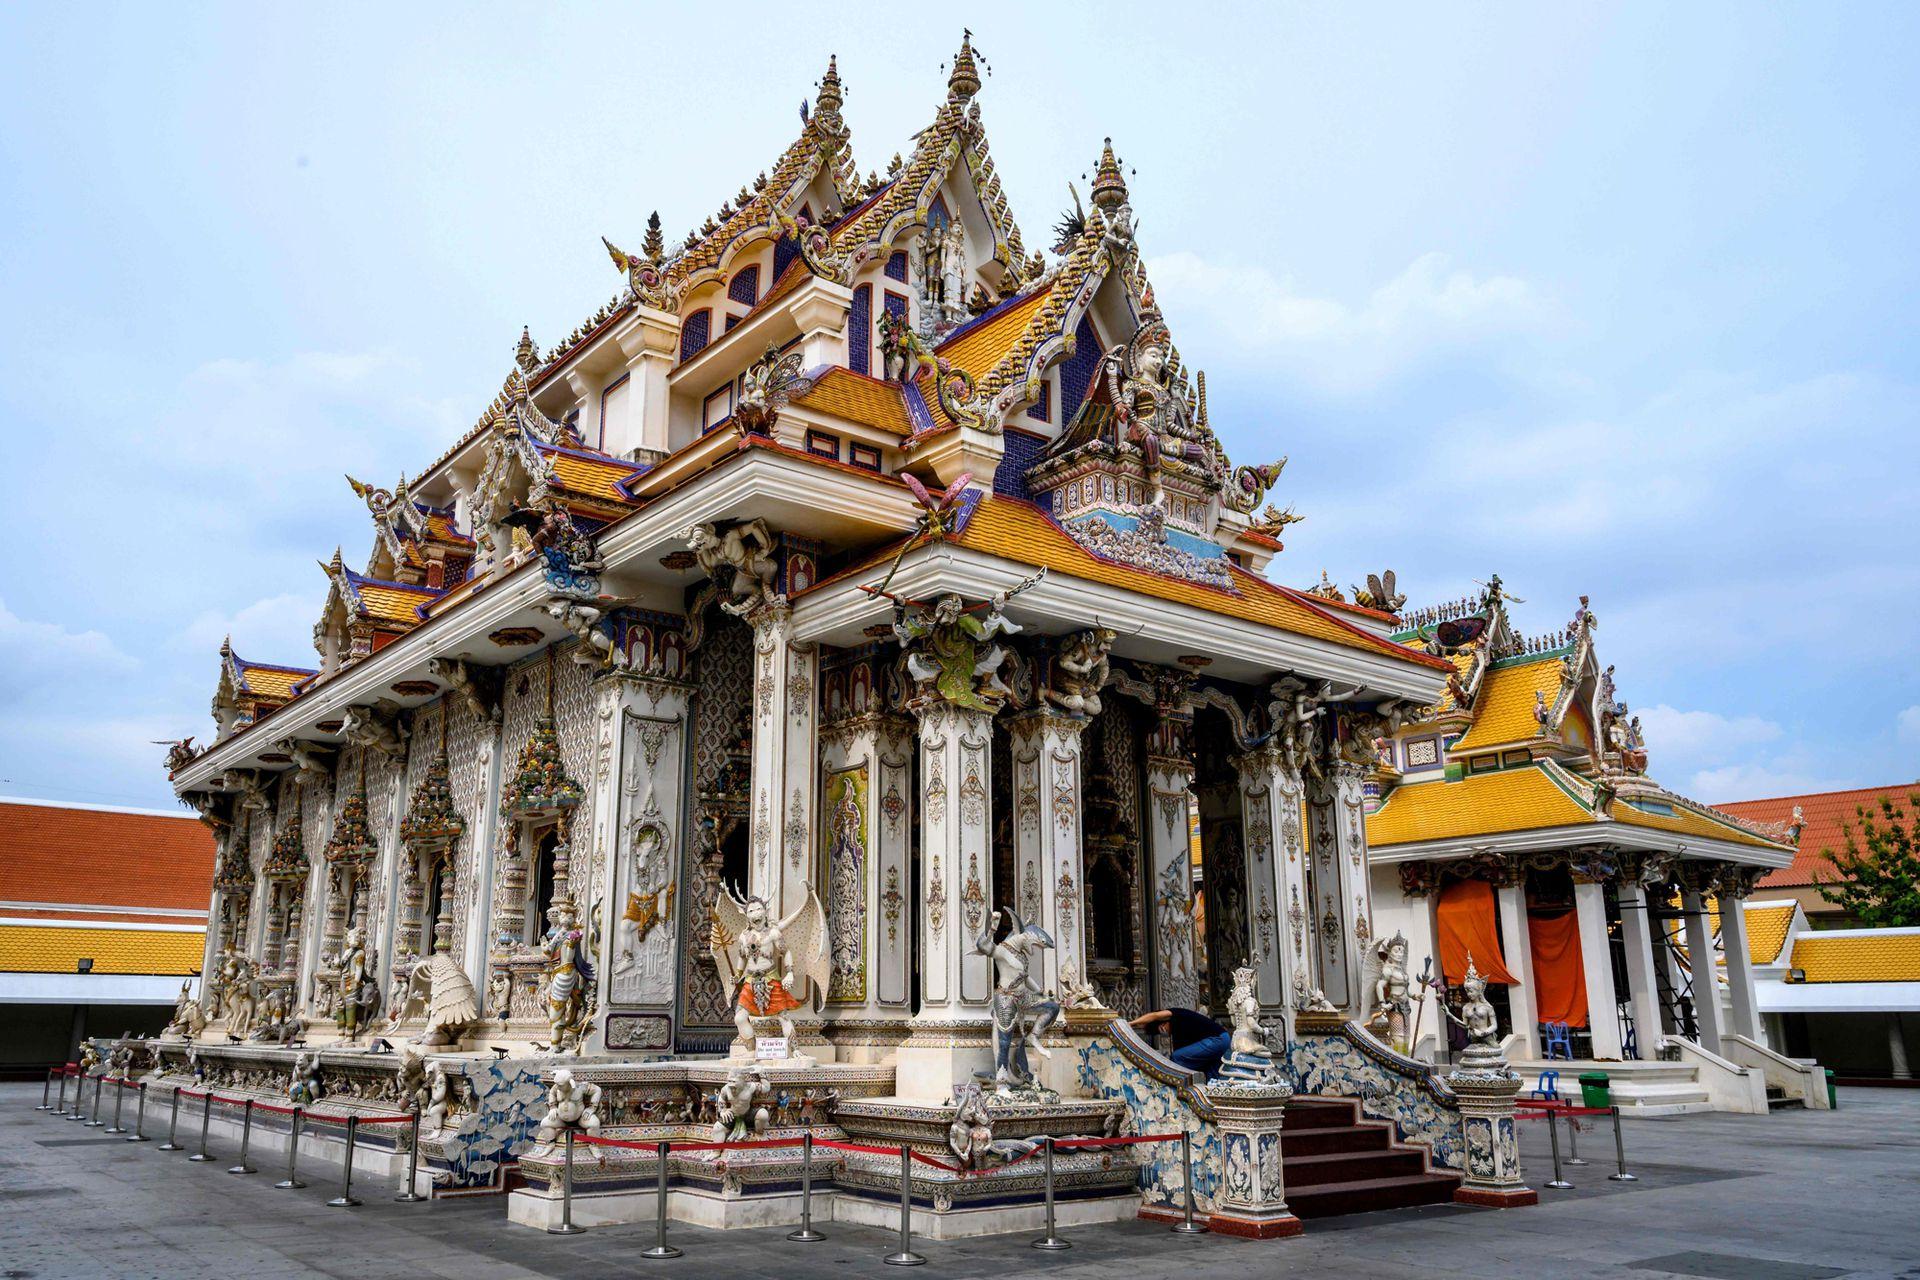 De David Beckham al Che Guevara, Wat Pariwat, el templo budista más moderno de Tailandia